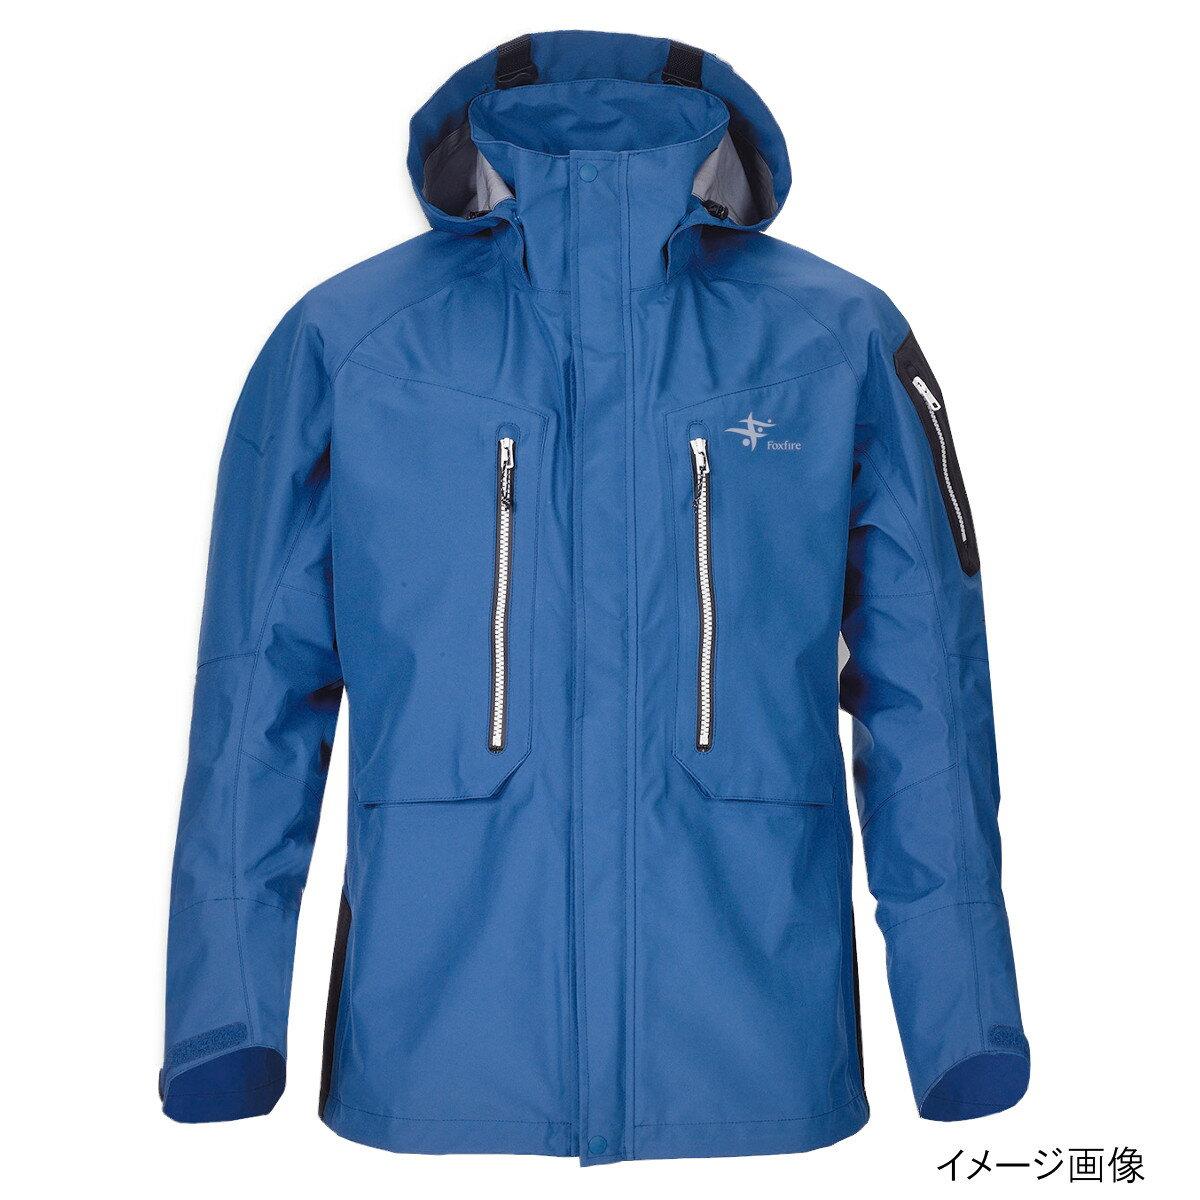 ストーミーDSジャケット M ブルー